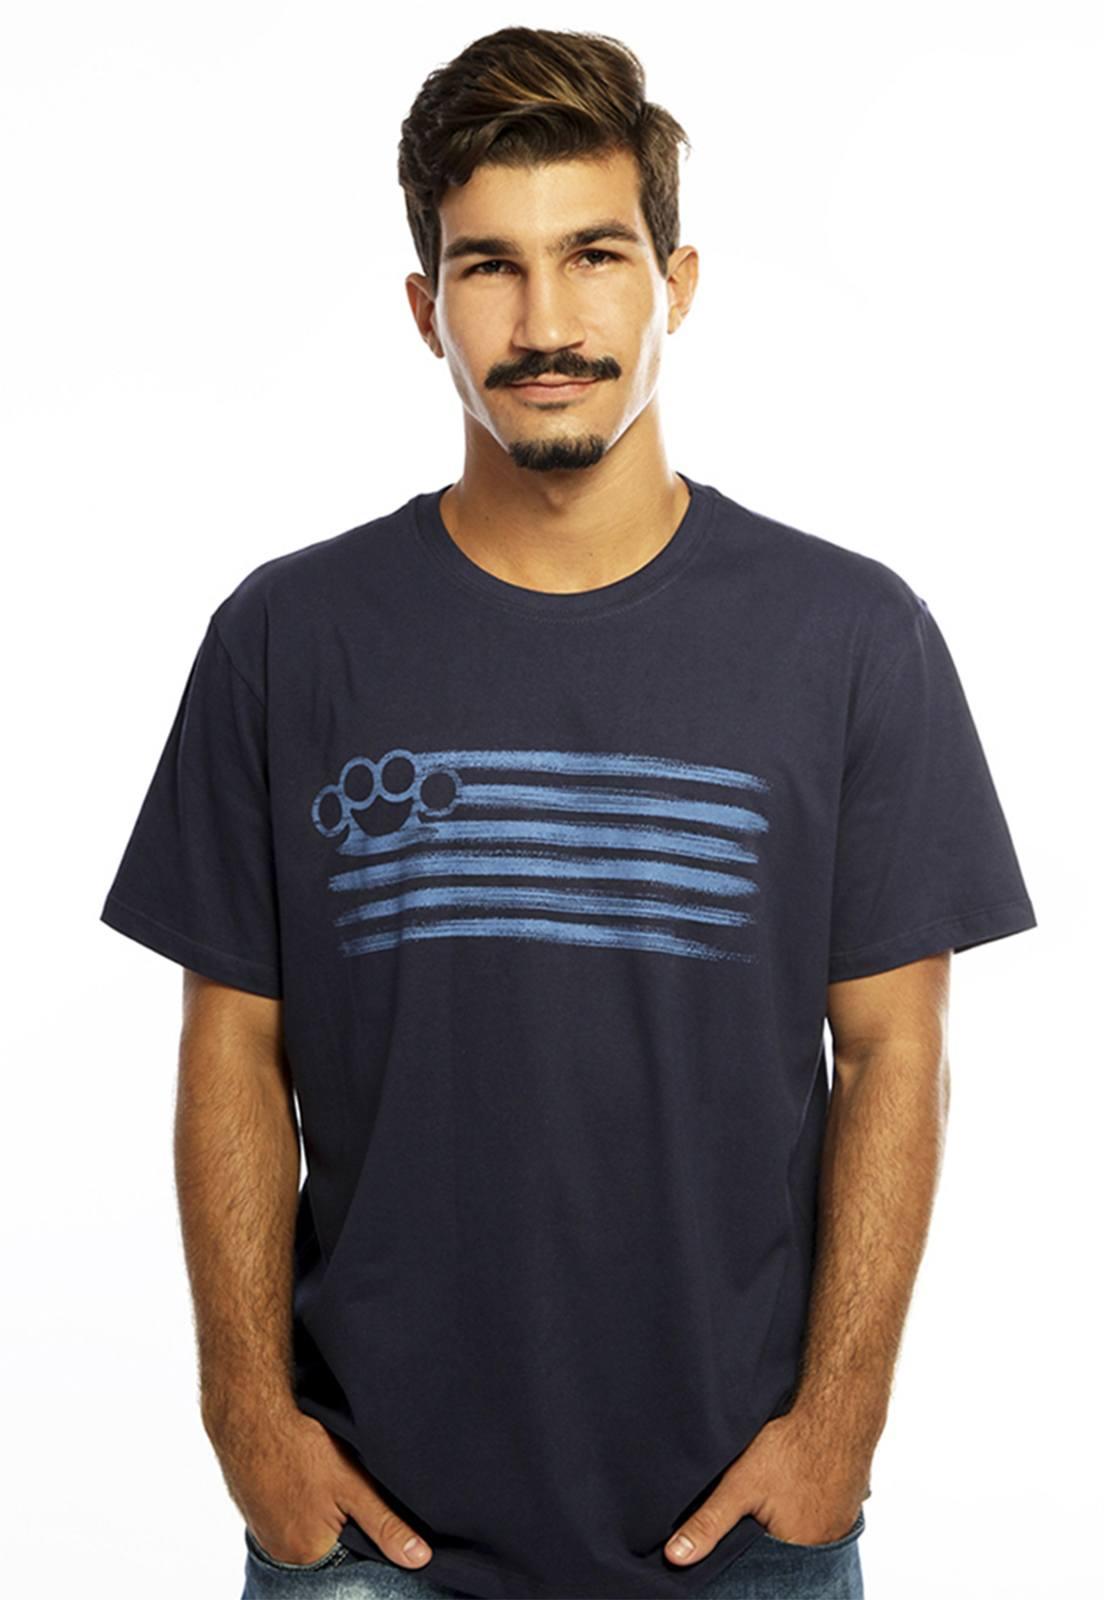 Camiseta masculina azul Punch - 100% algodão - Hardivision